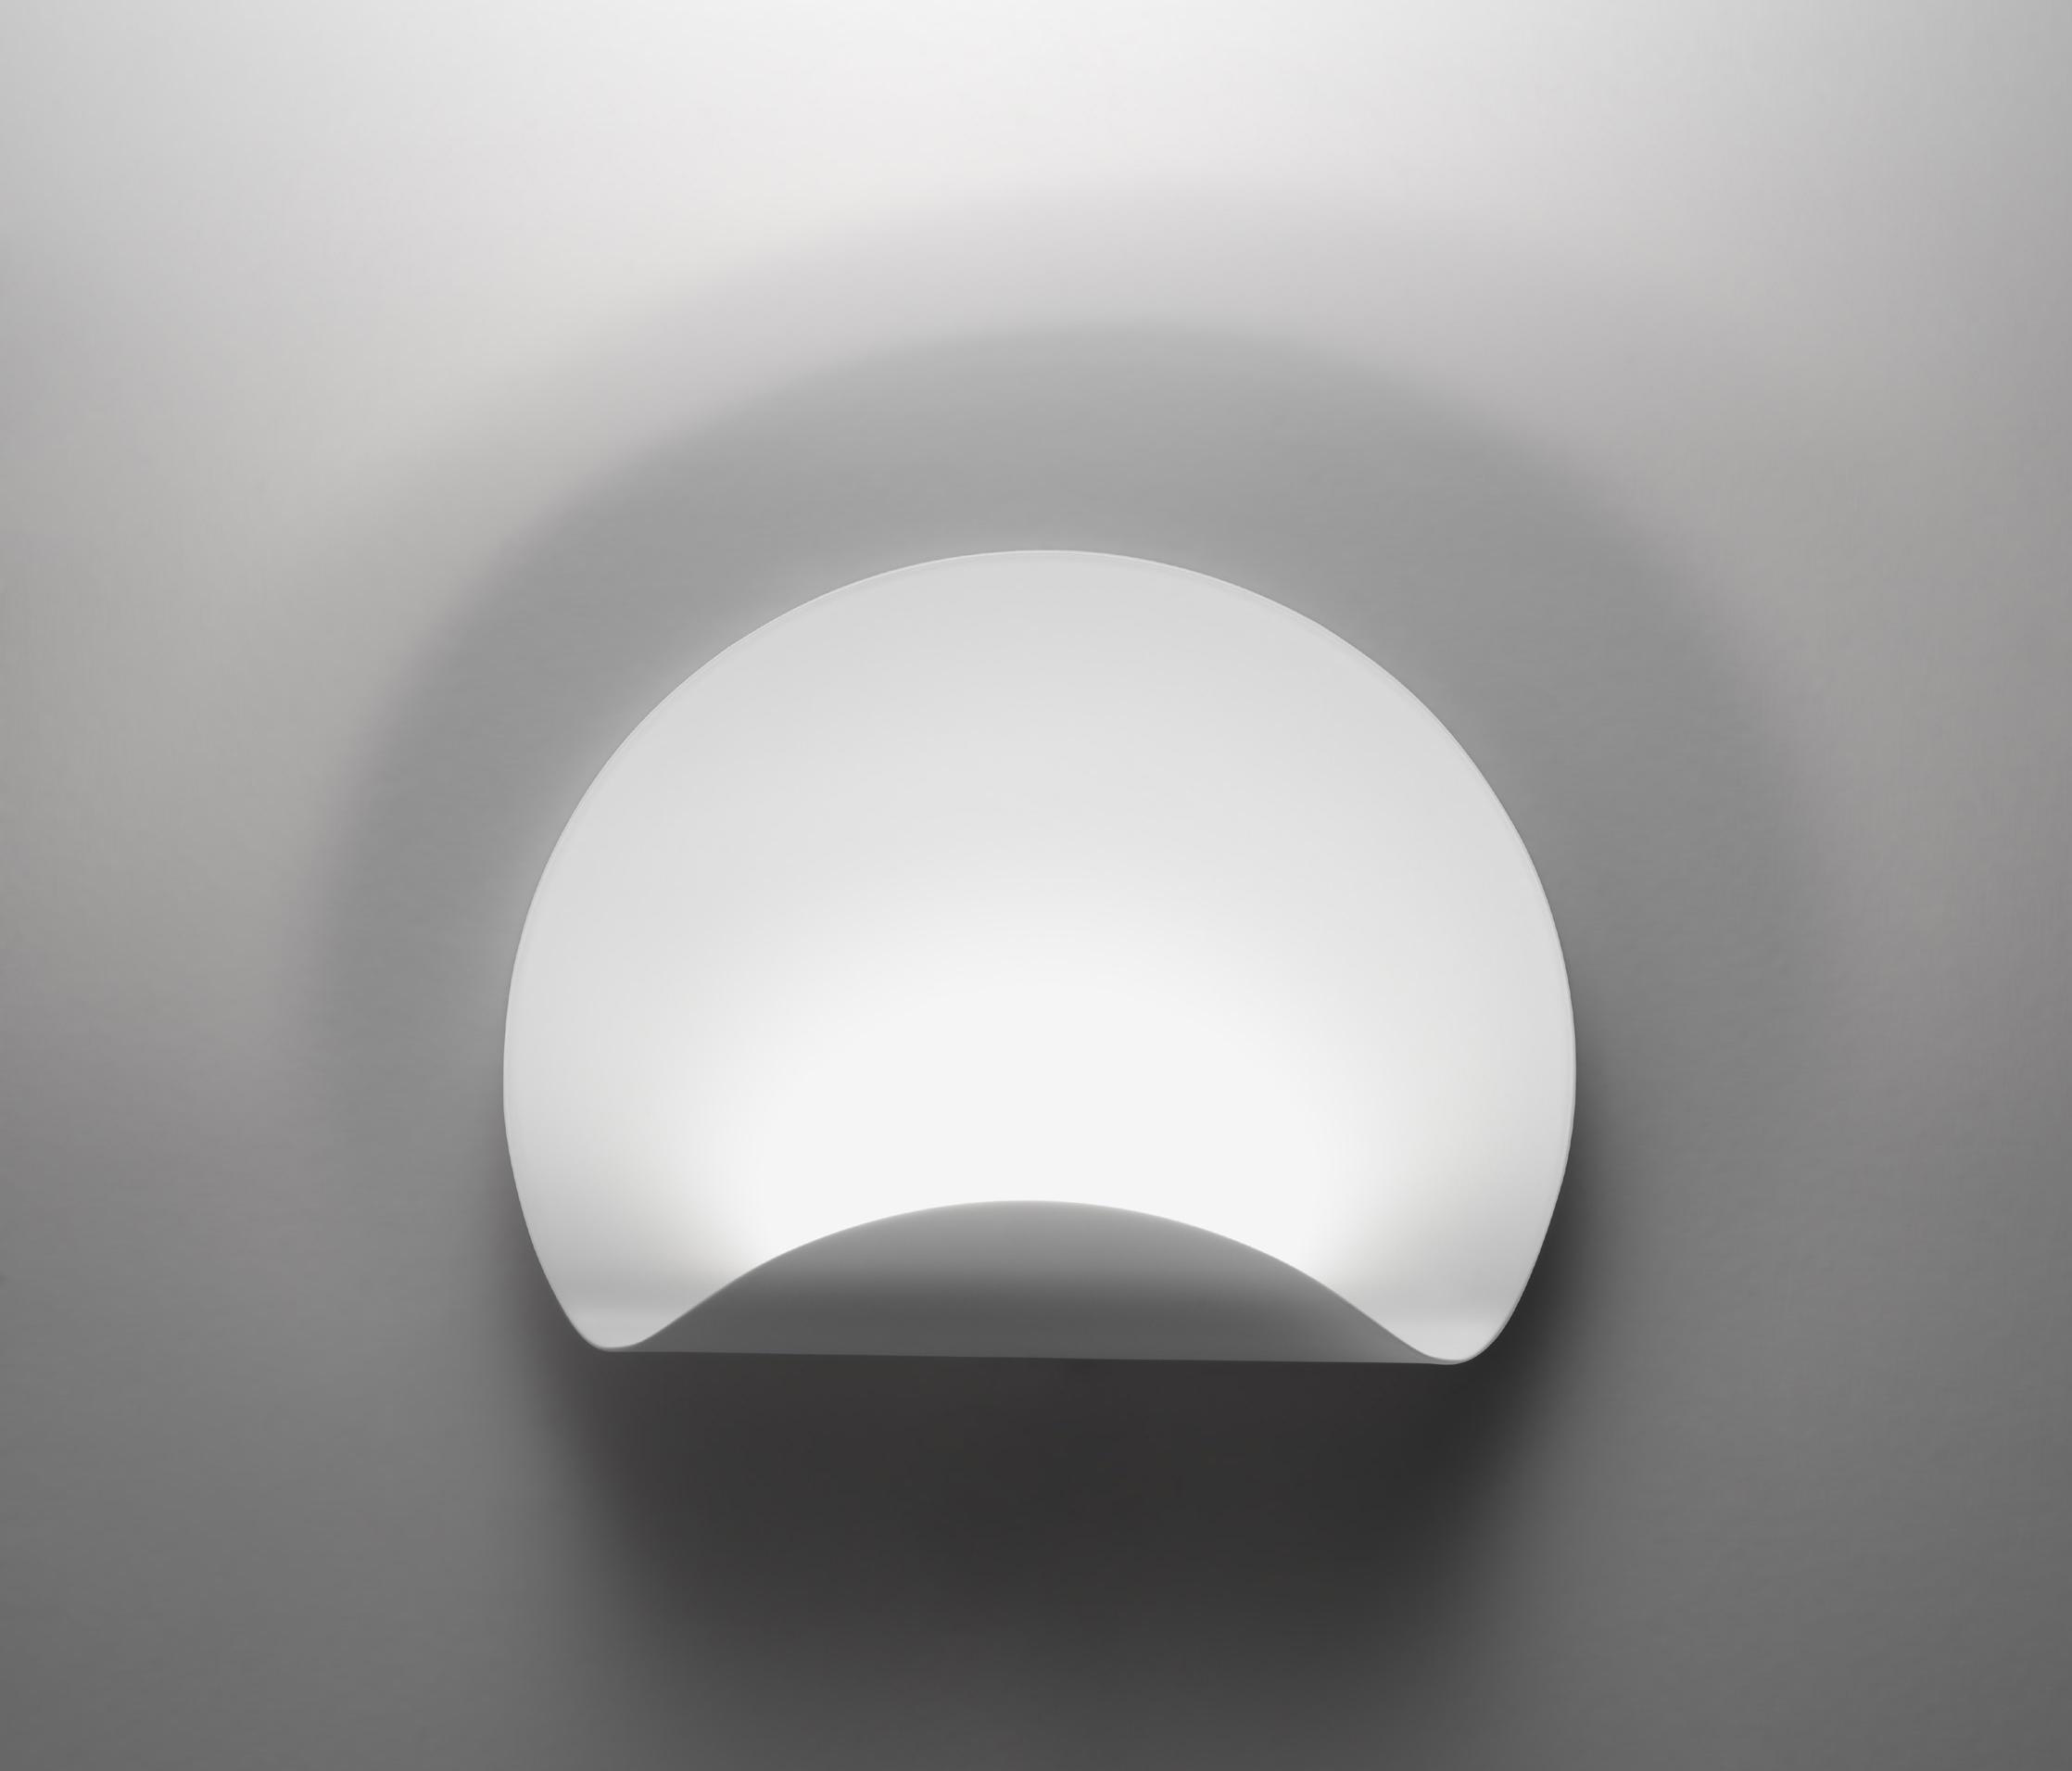 Dinarco parete illuminazione generale artemide architonic - Lampade a parete design ...